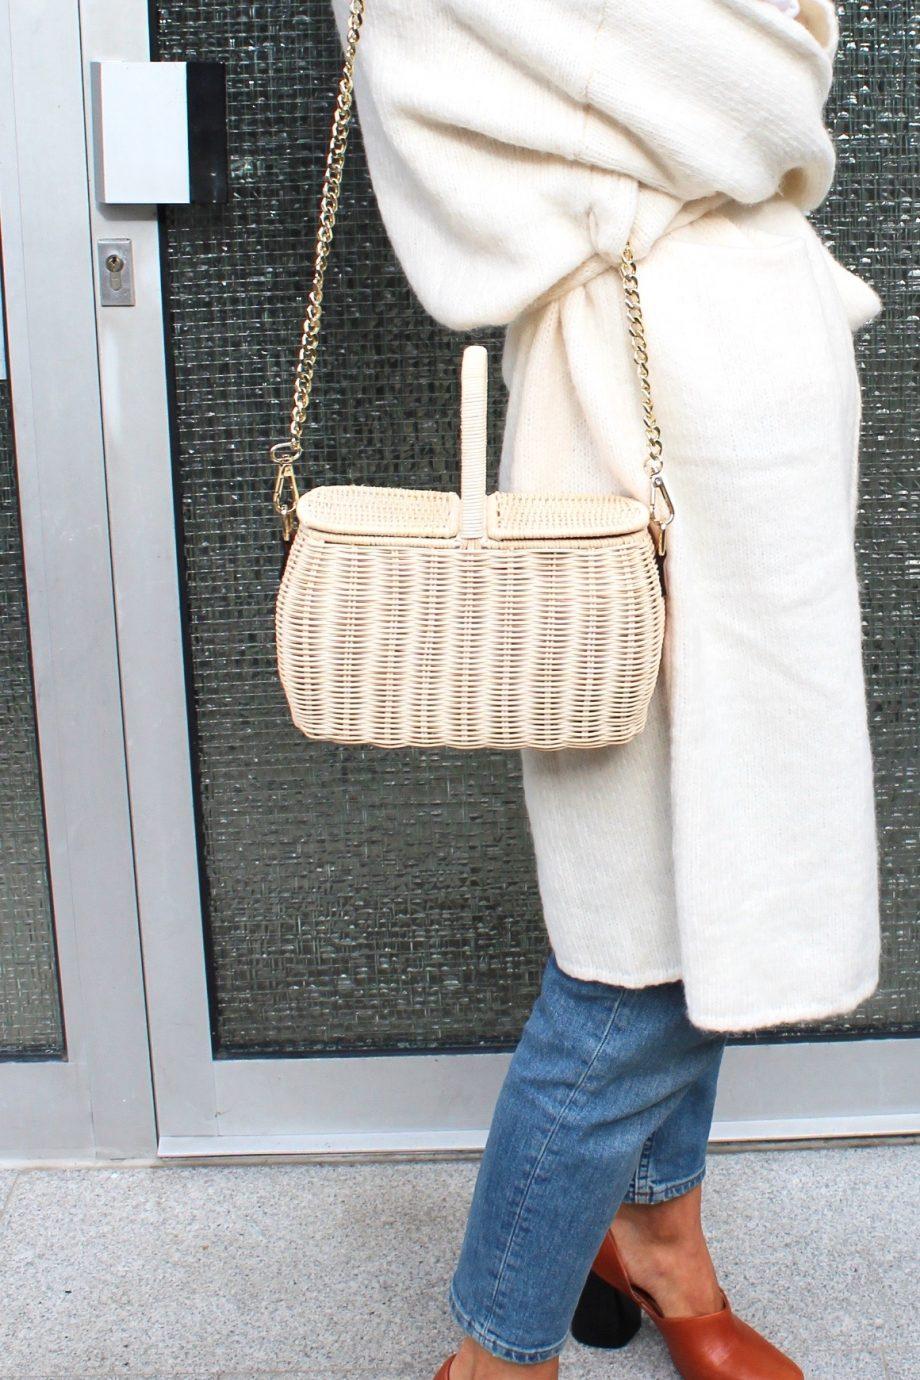 Basket Bag |24.02.2017